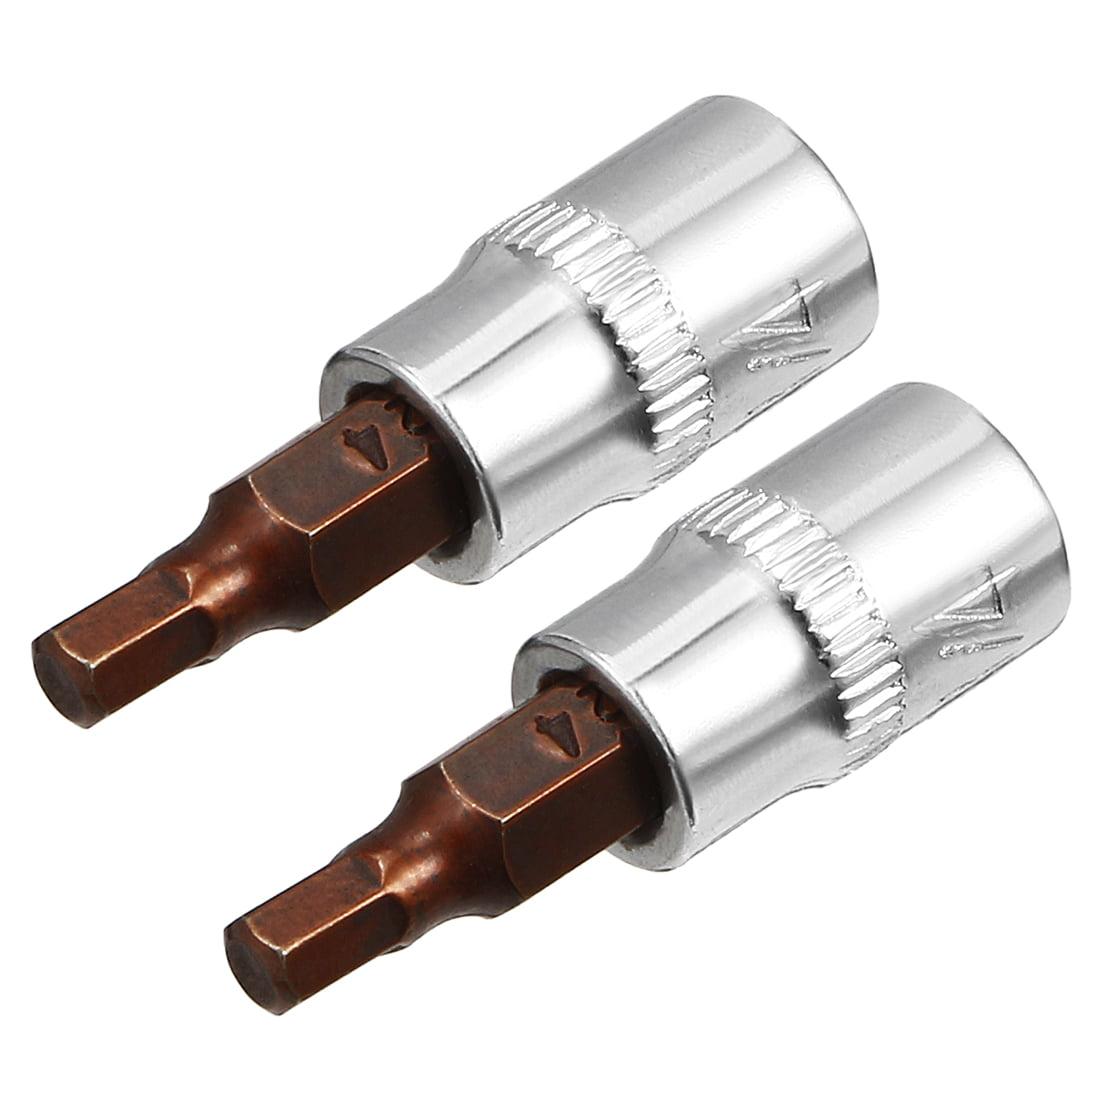 Tasharina 2 Pcs 1/4-Inch Drive 4mm Hex Bit Socket, S2 Steel